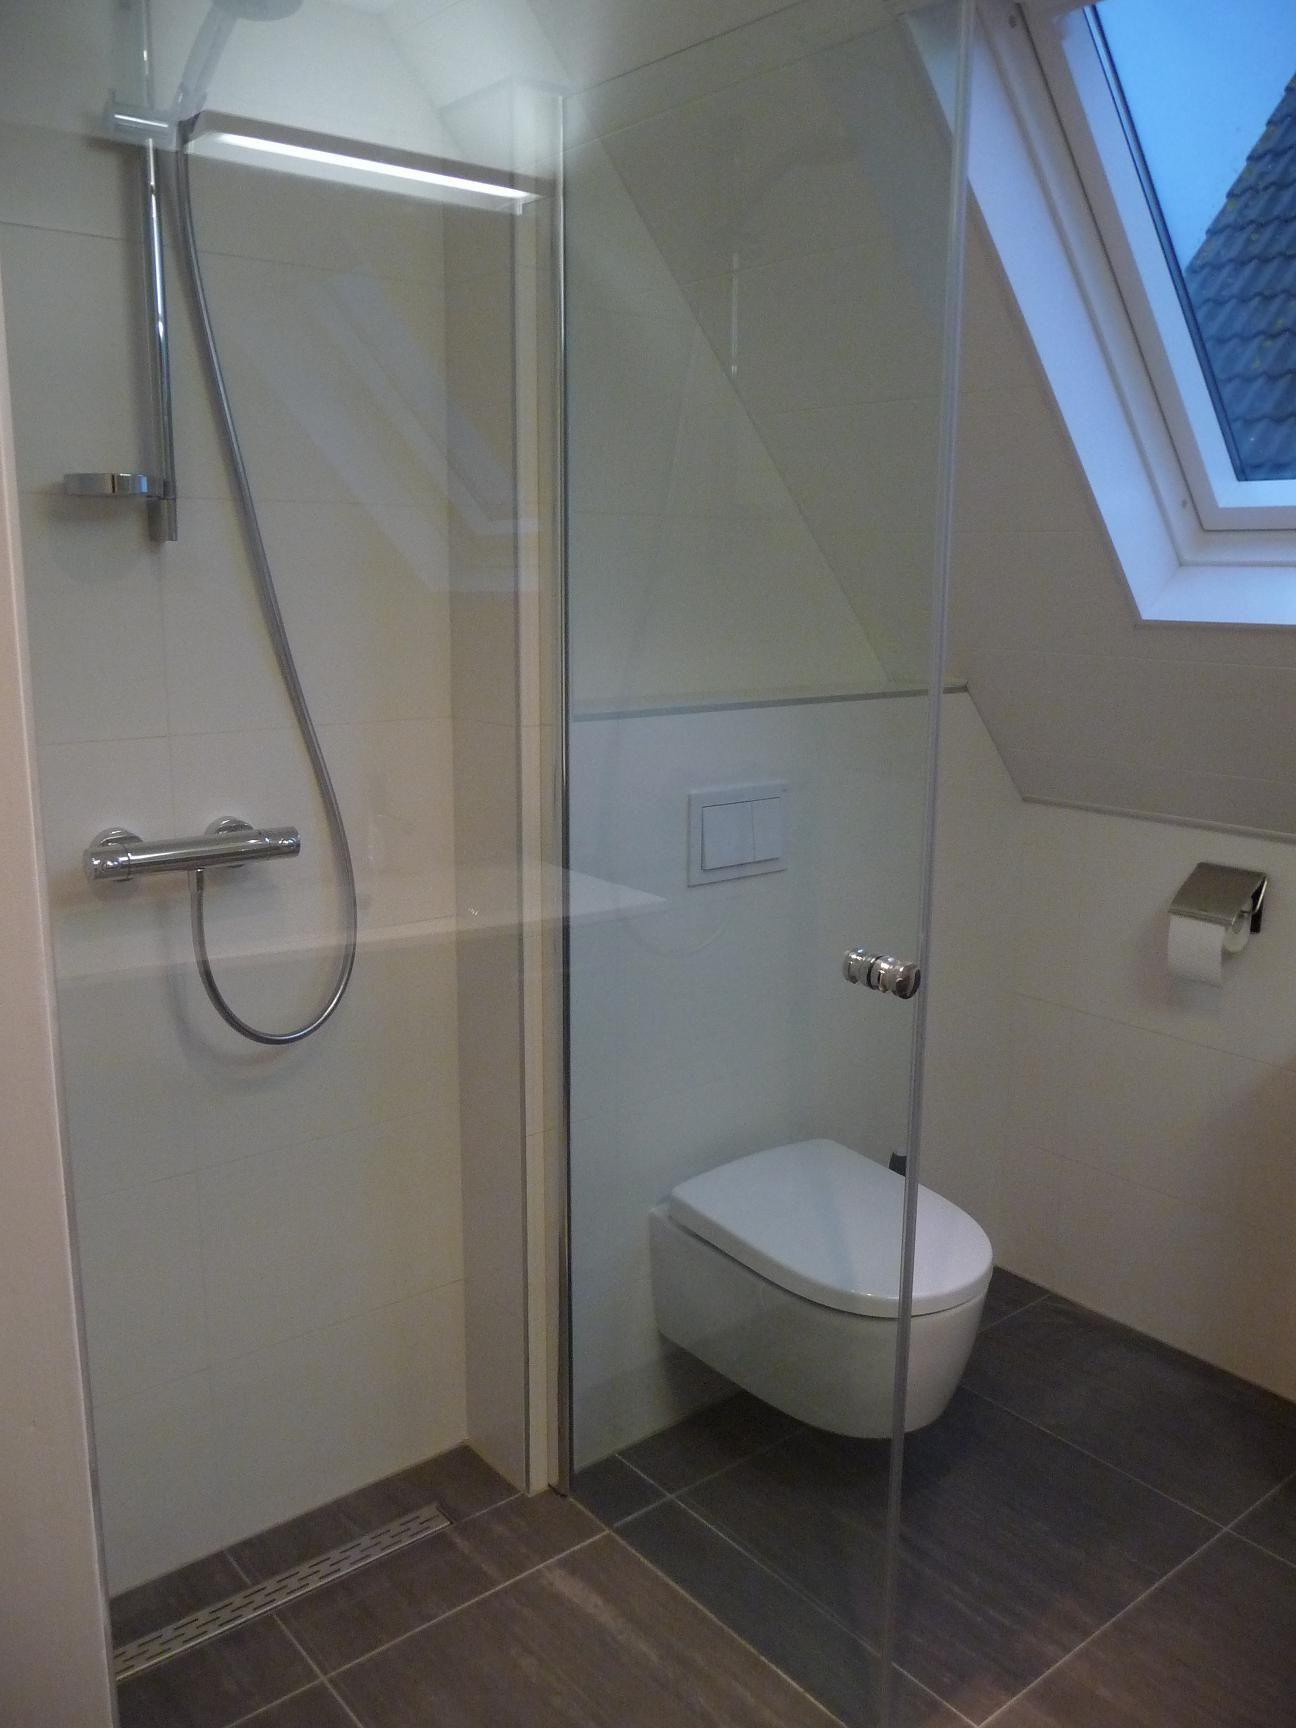 erg kleine smalle badkamer schuin dak - Google zoeken - Belgium ...